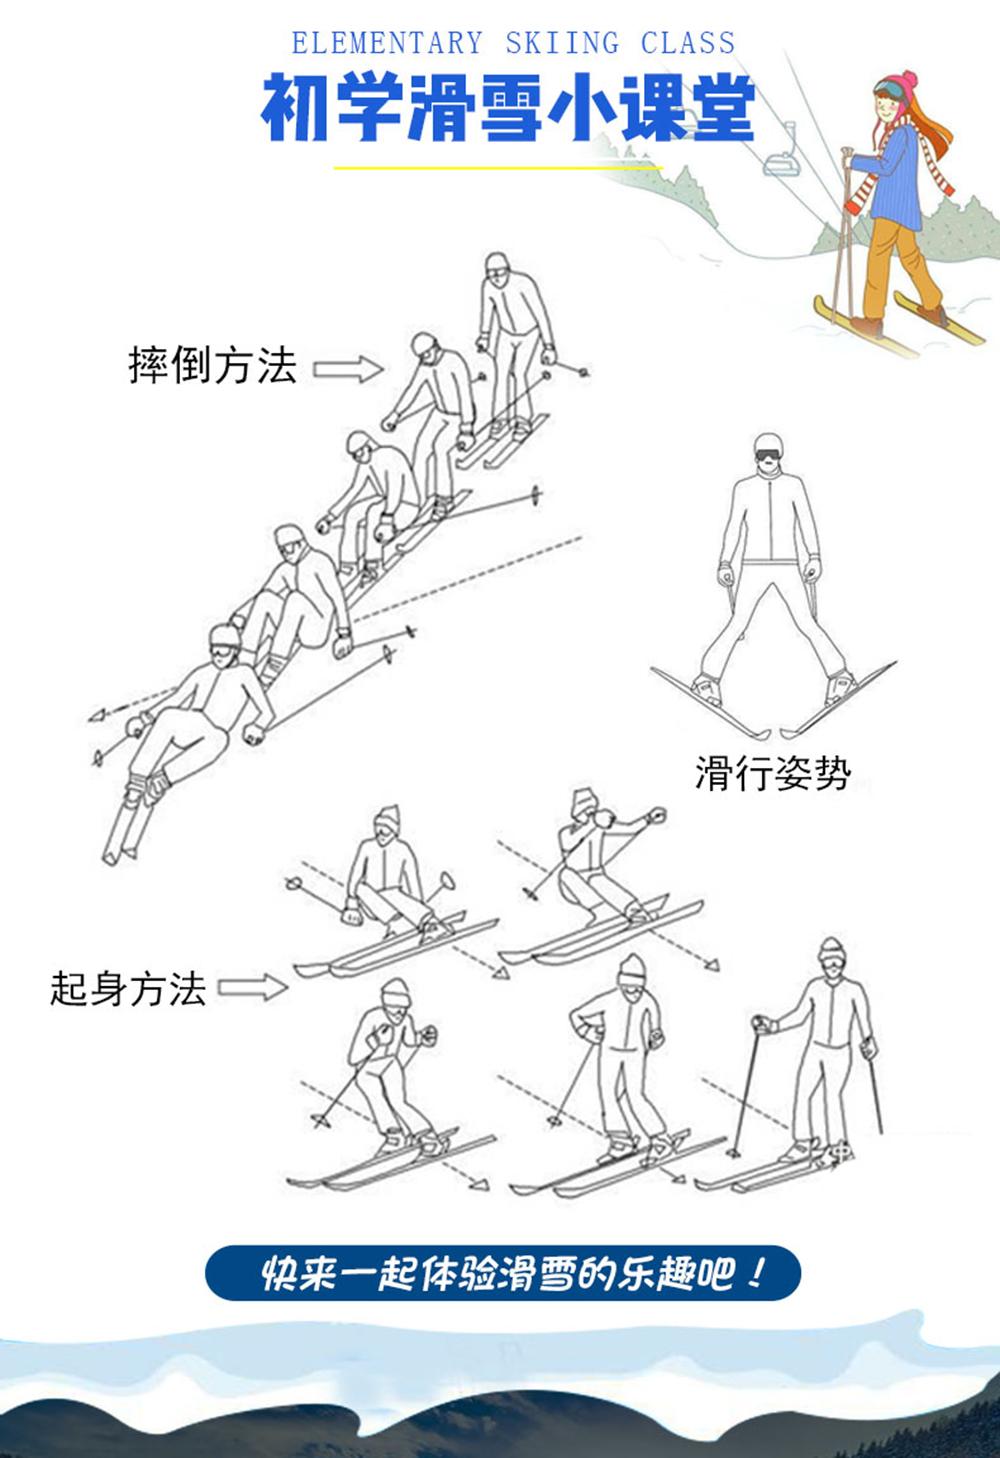 滑雪小课堂